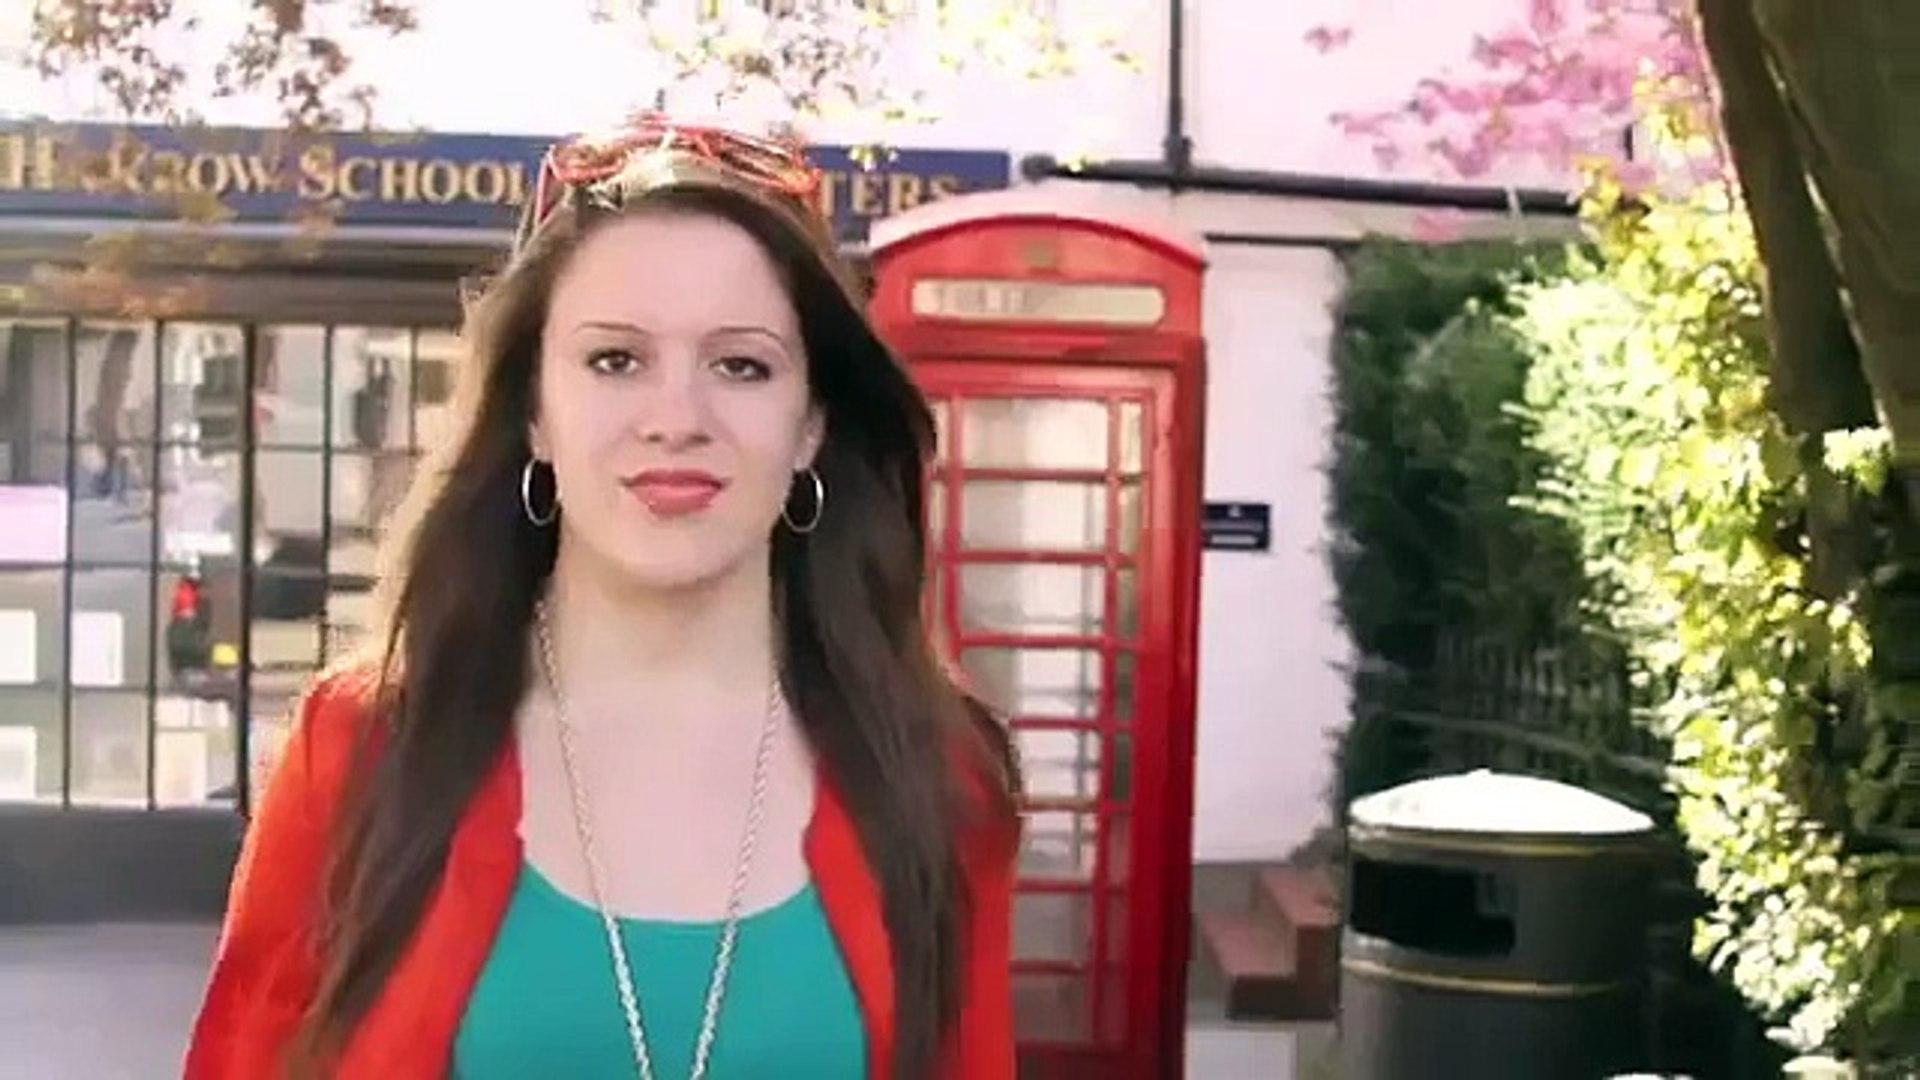 مواقف محرجة شاهد سقوط عارضات الأزياء 2016 فيديو Dailymotion